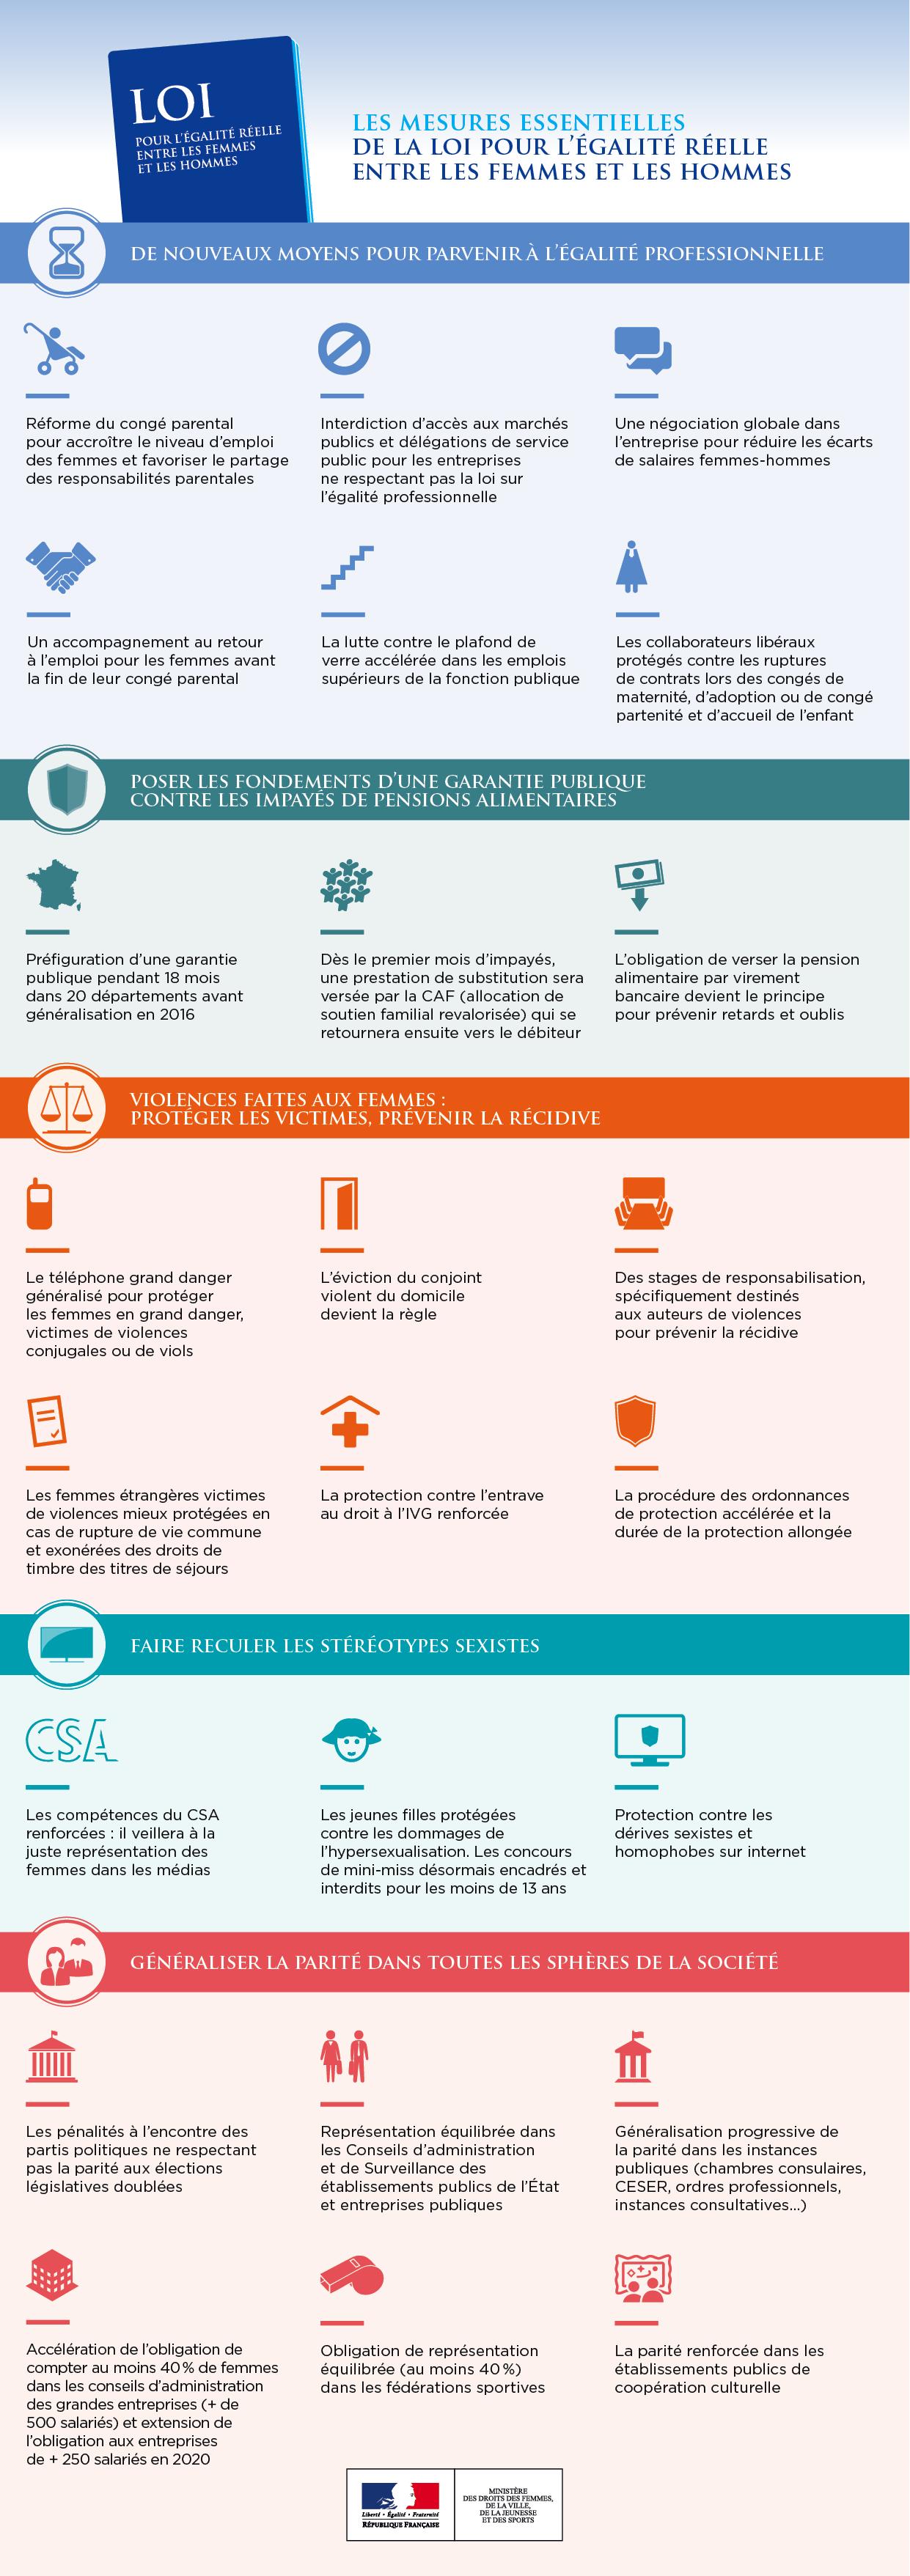 infographie_loi-pour-l-egalite-reelle-entre-les-femmes-et-les-hommes